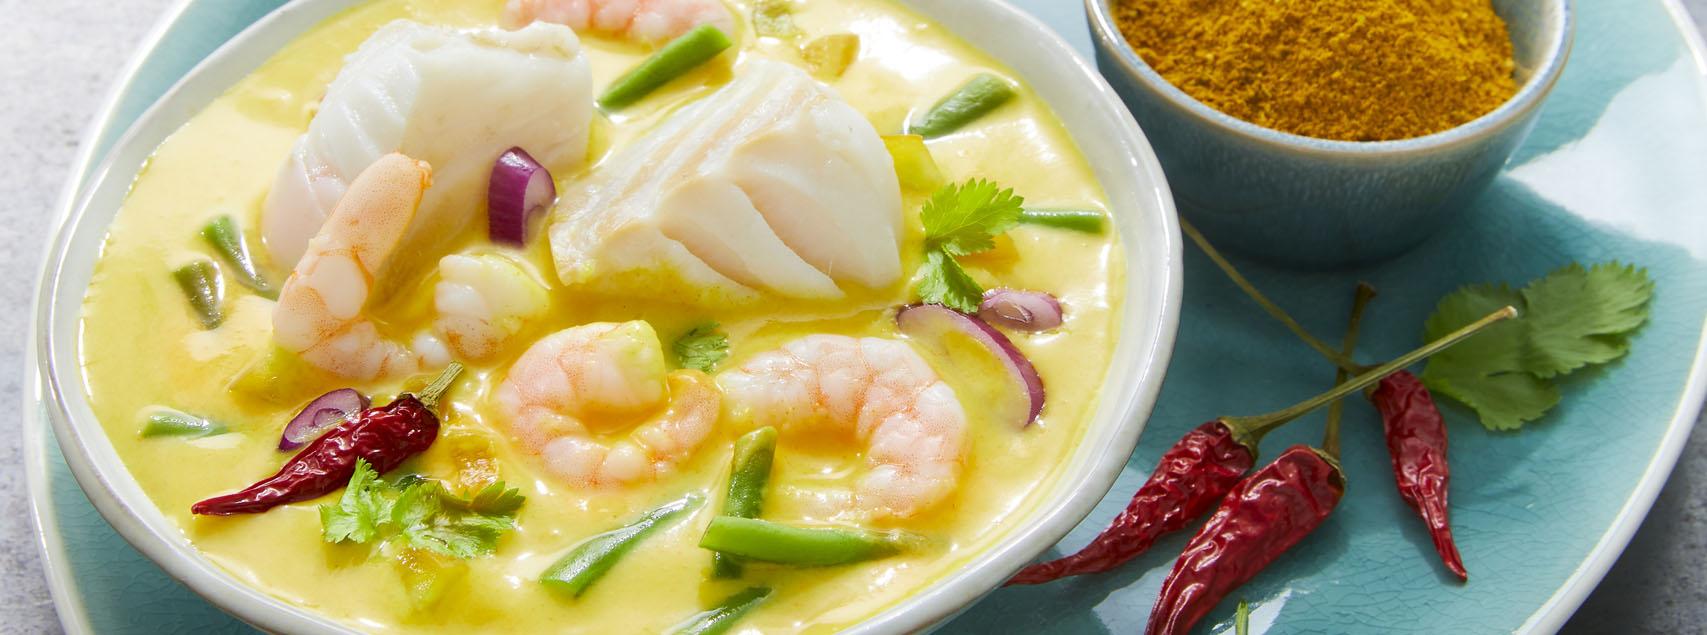 Curry de poissons et crevettes